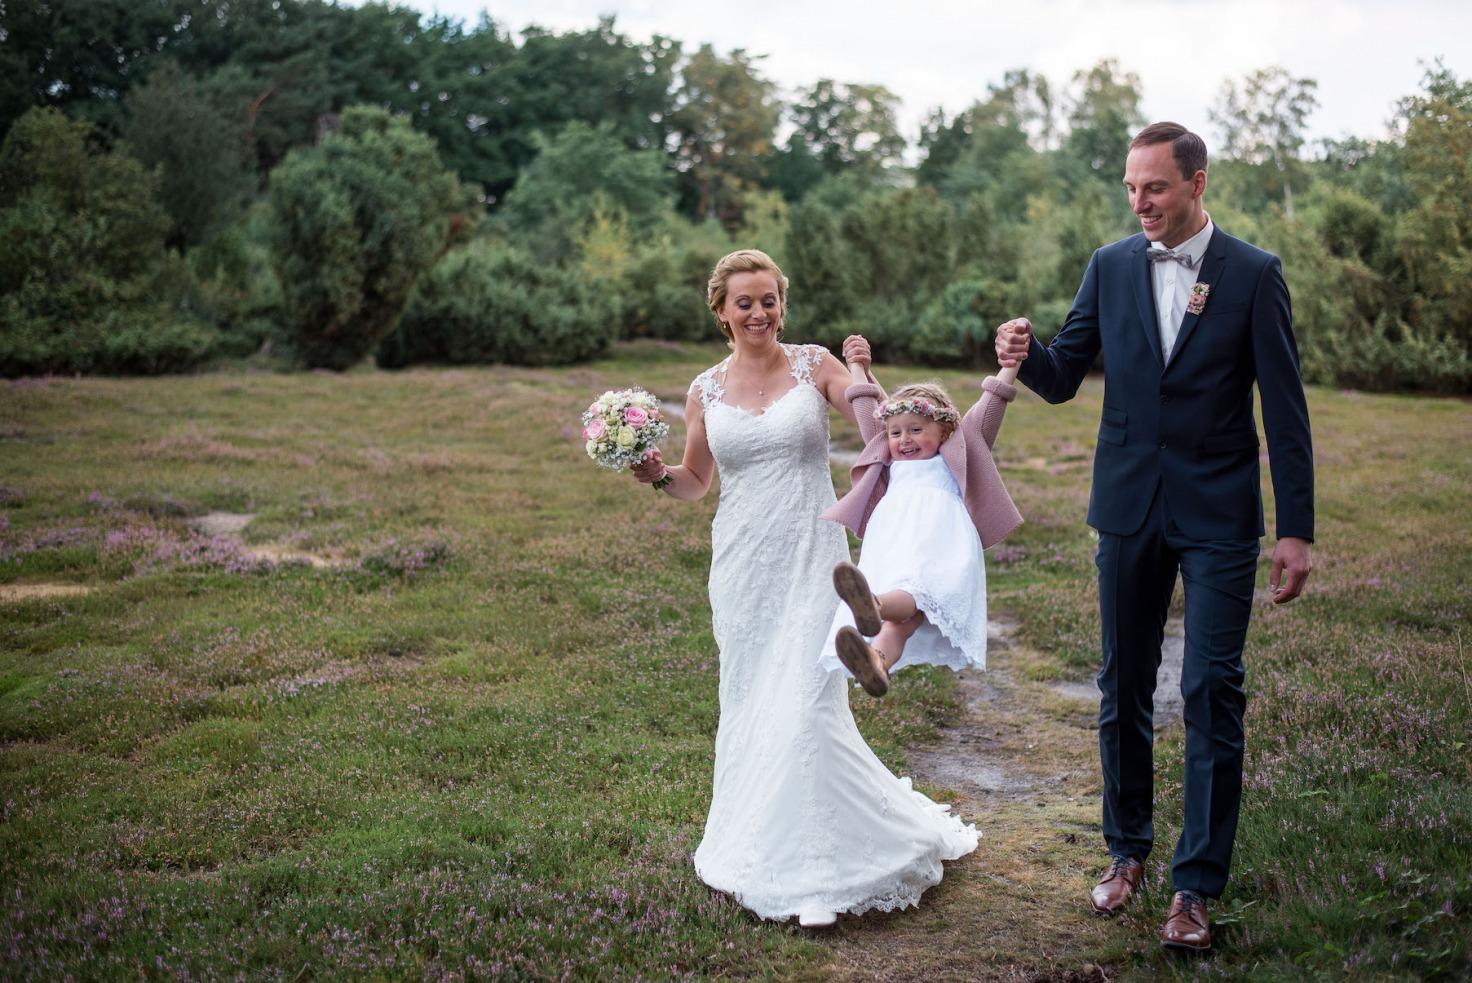 Hochzeitsfotograf Münster - Brautpaar mit Kind